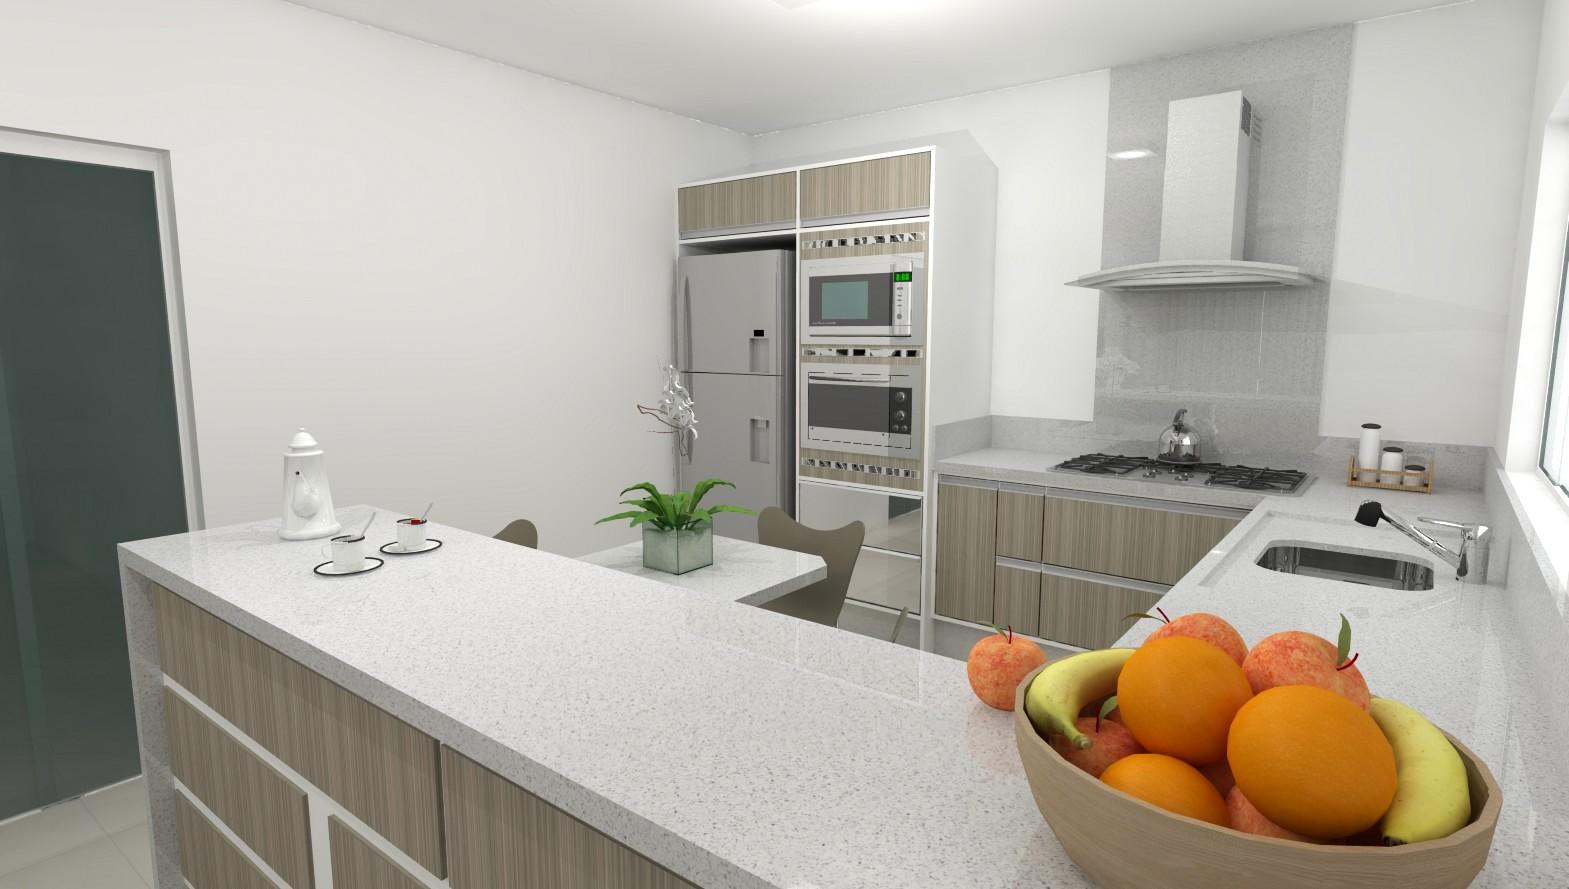 Sekai Projetos e Interiores: Sala e cozinha móveis brancos com  #833F10 1569 889